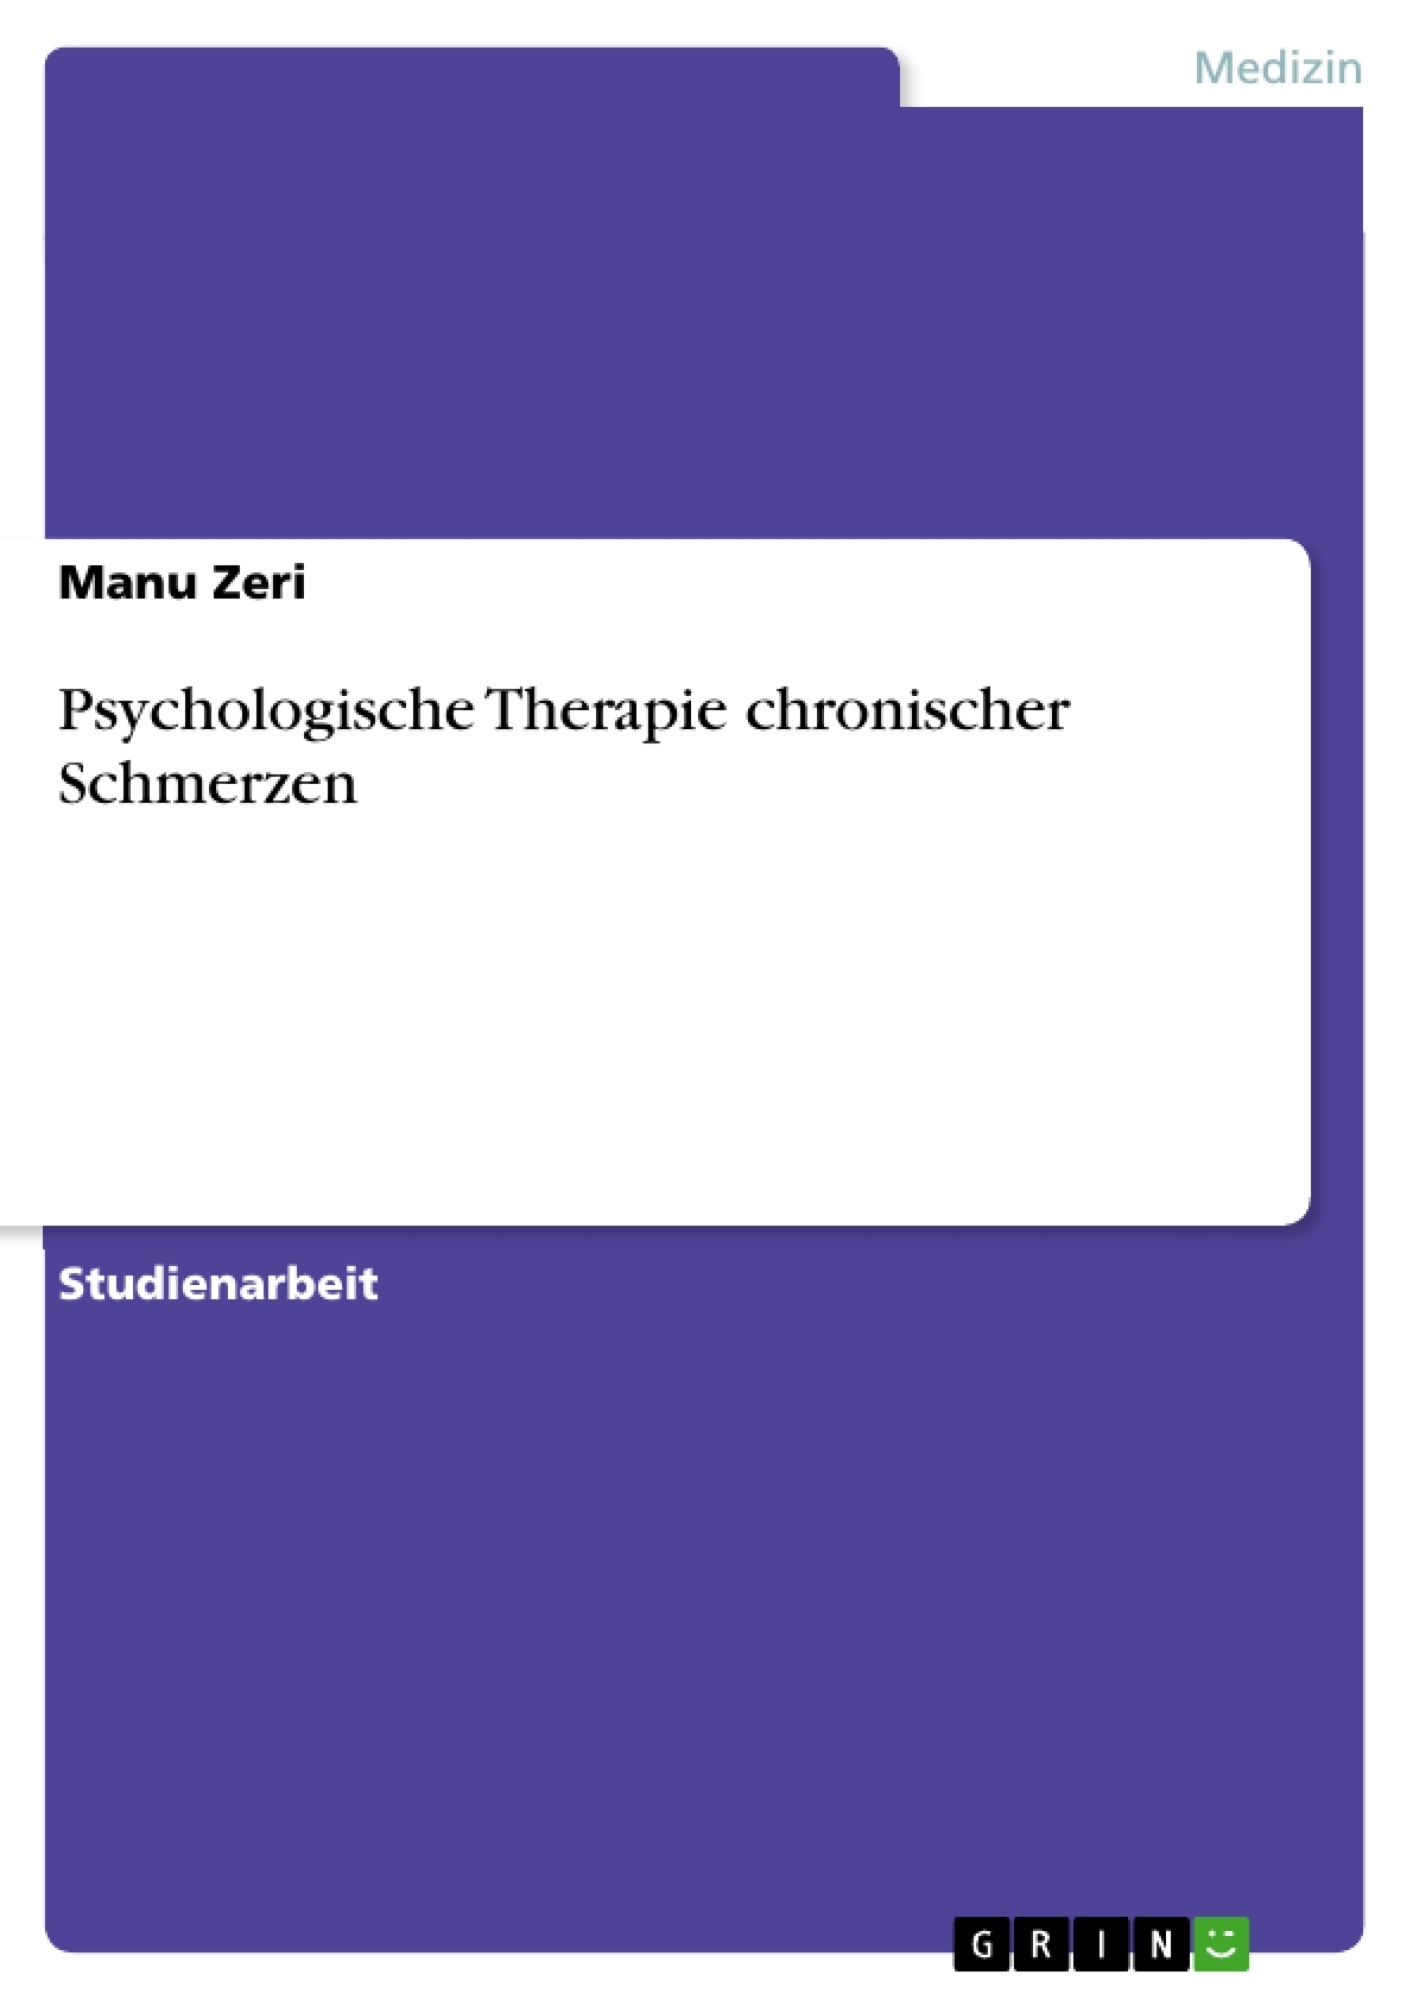 Titel: Psychologische Therapie chronischer Schmerzen